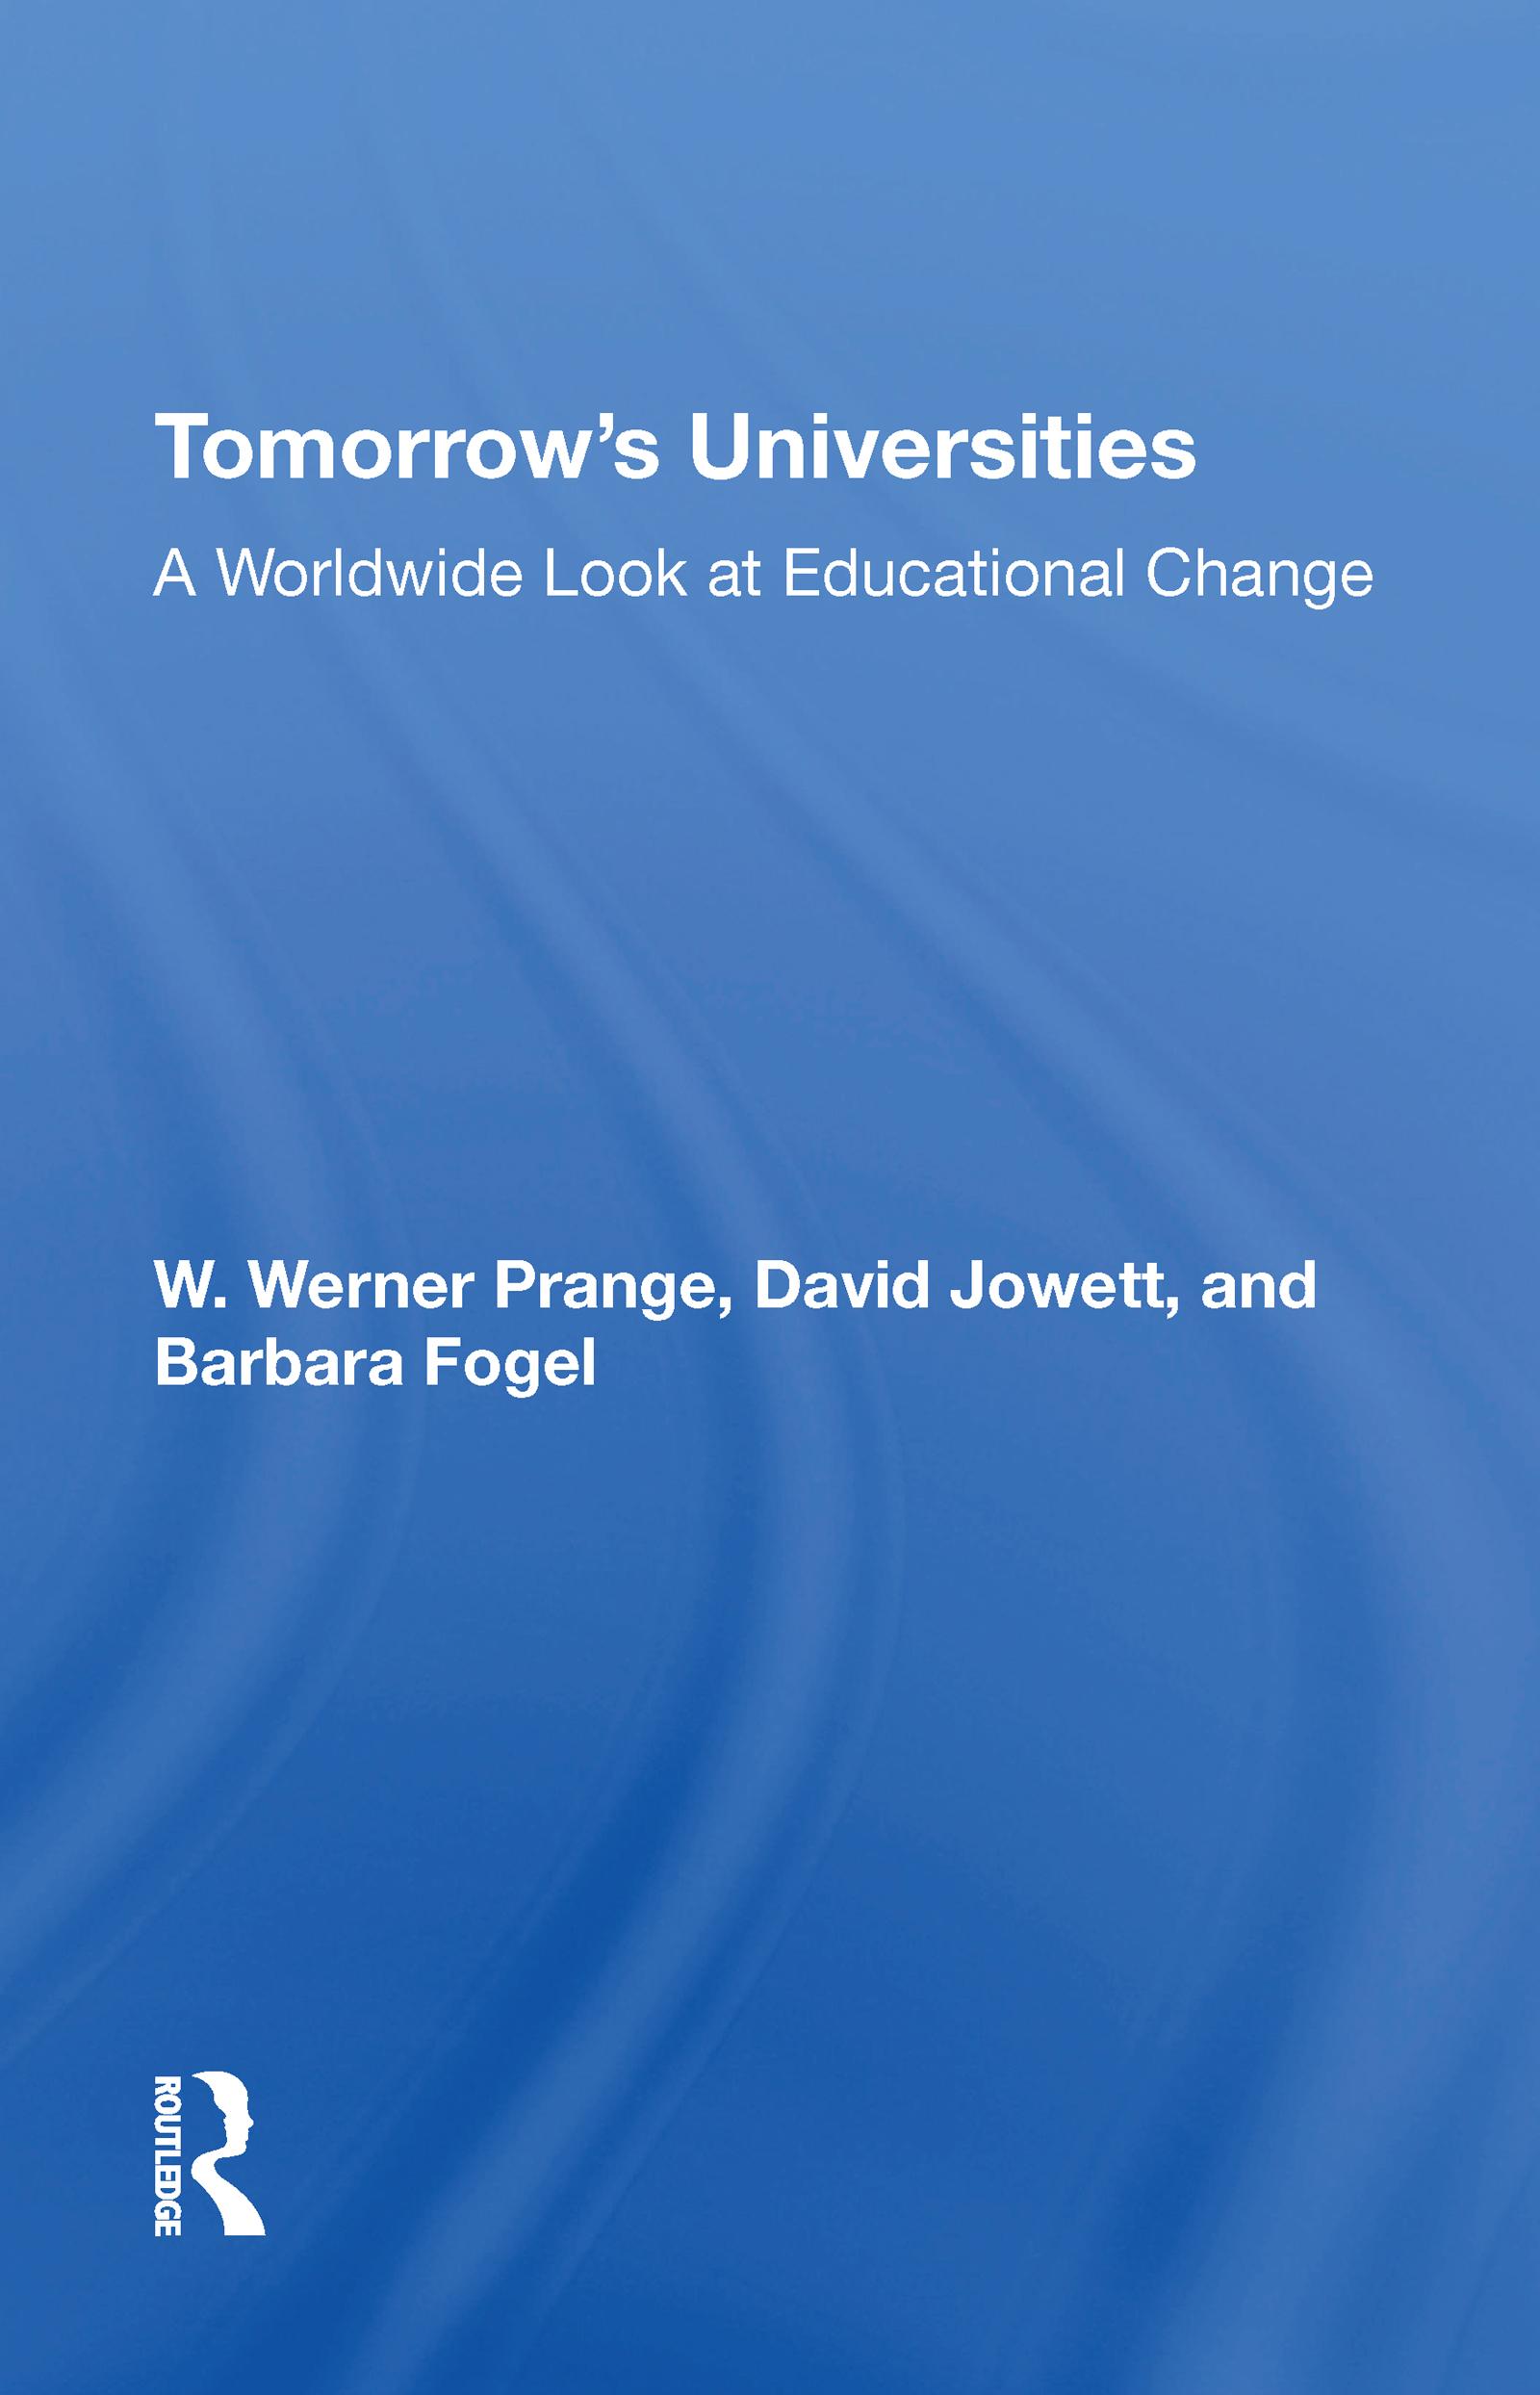 Tomorrow's Universities